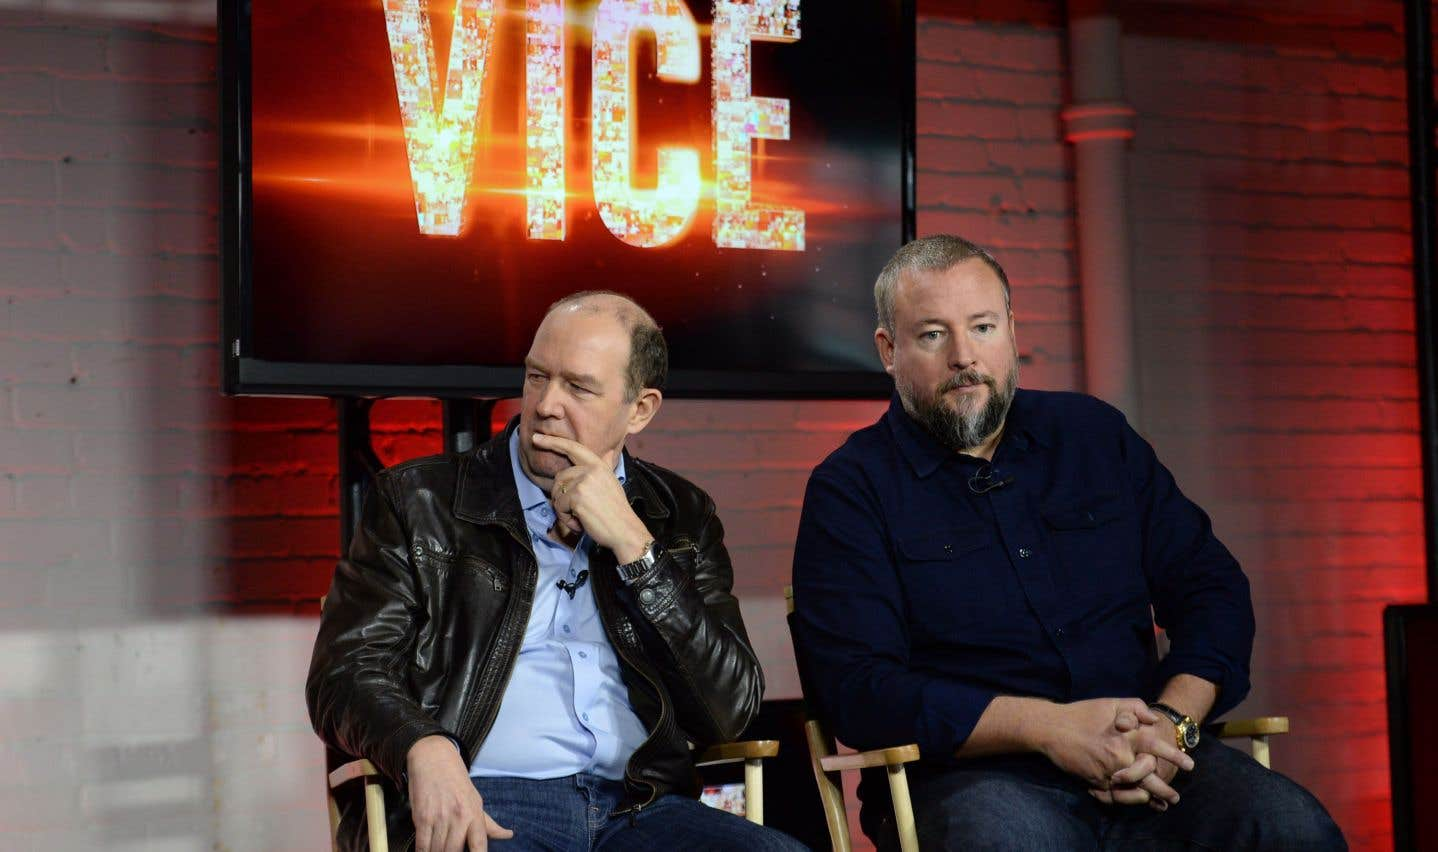 Le chef de la direction de Rogers, Guy Laurence (gauche), et le cofondateur de Vice Media,Shane Smith